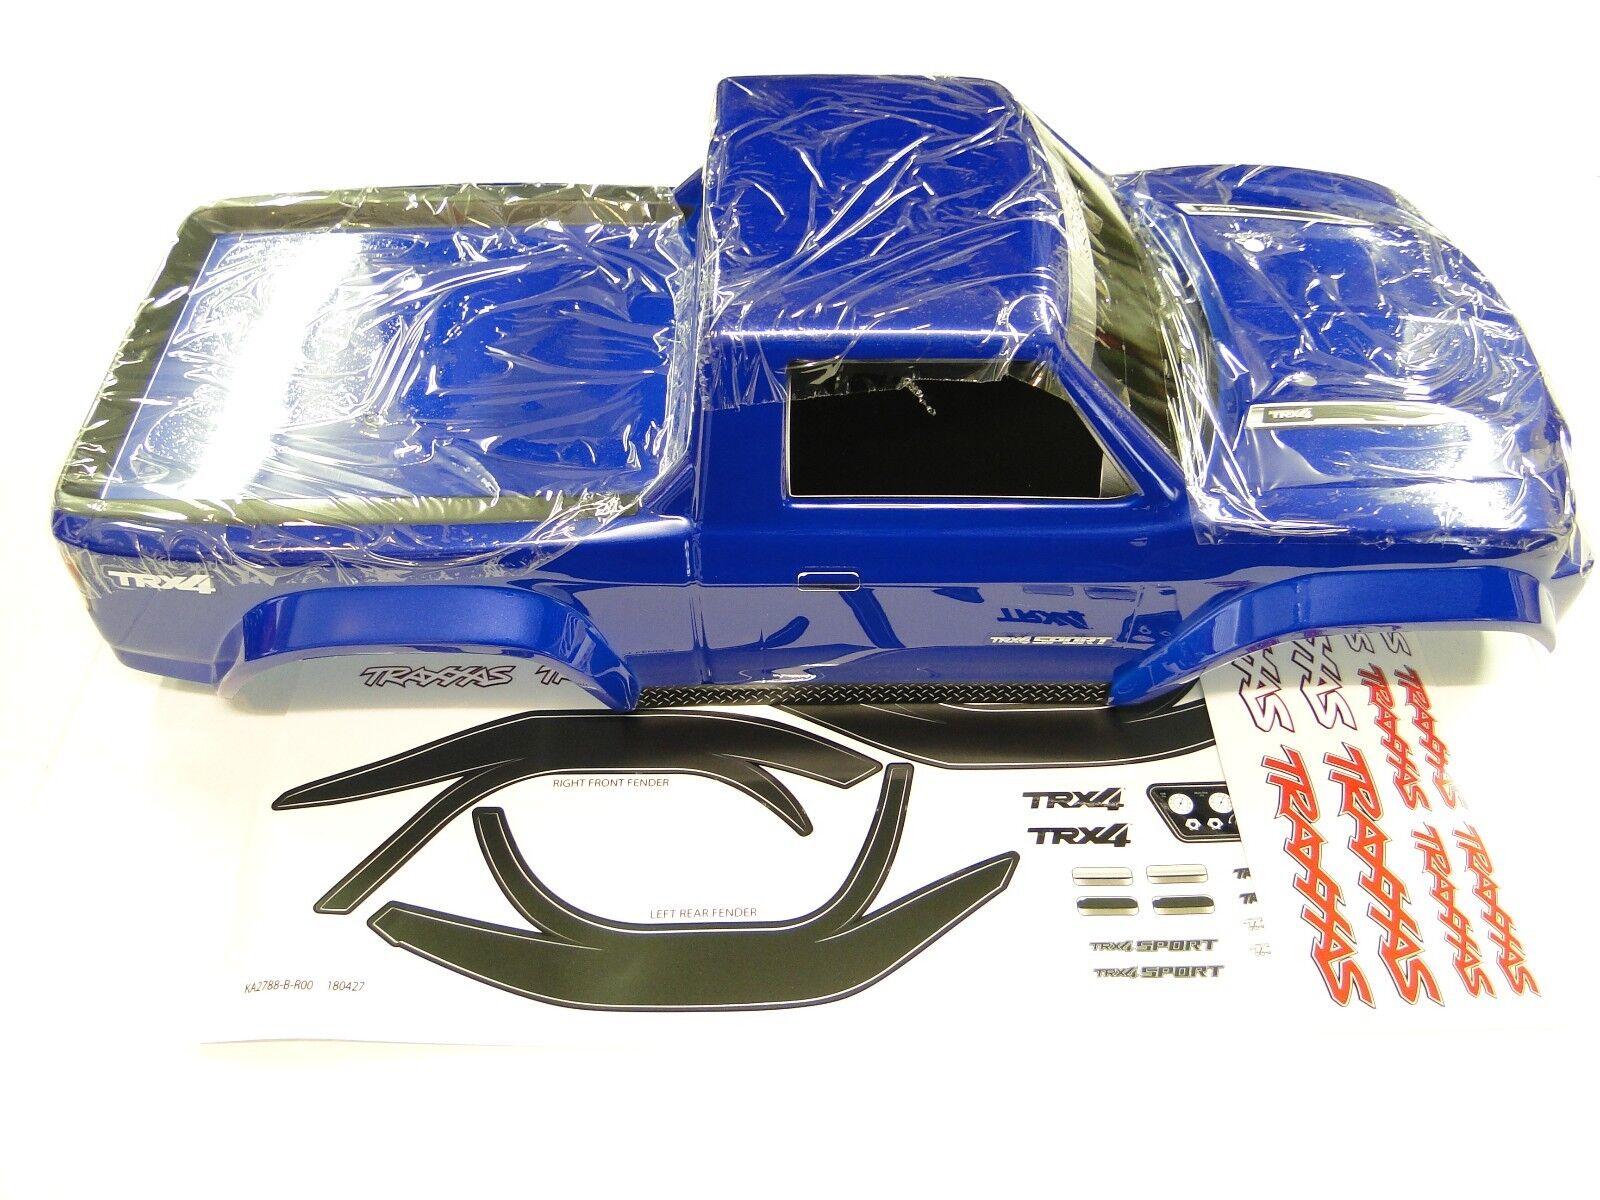 NEW TRAXXAS TRX-4 SPORT Body Factory Painted blu RZ3B